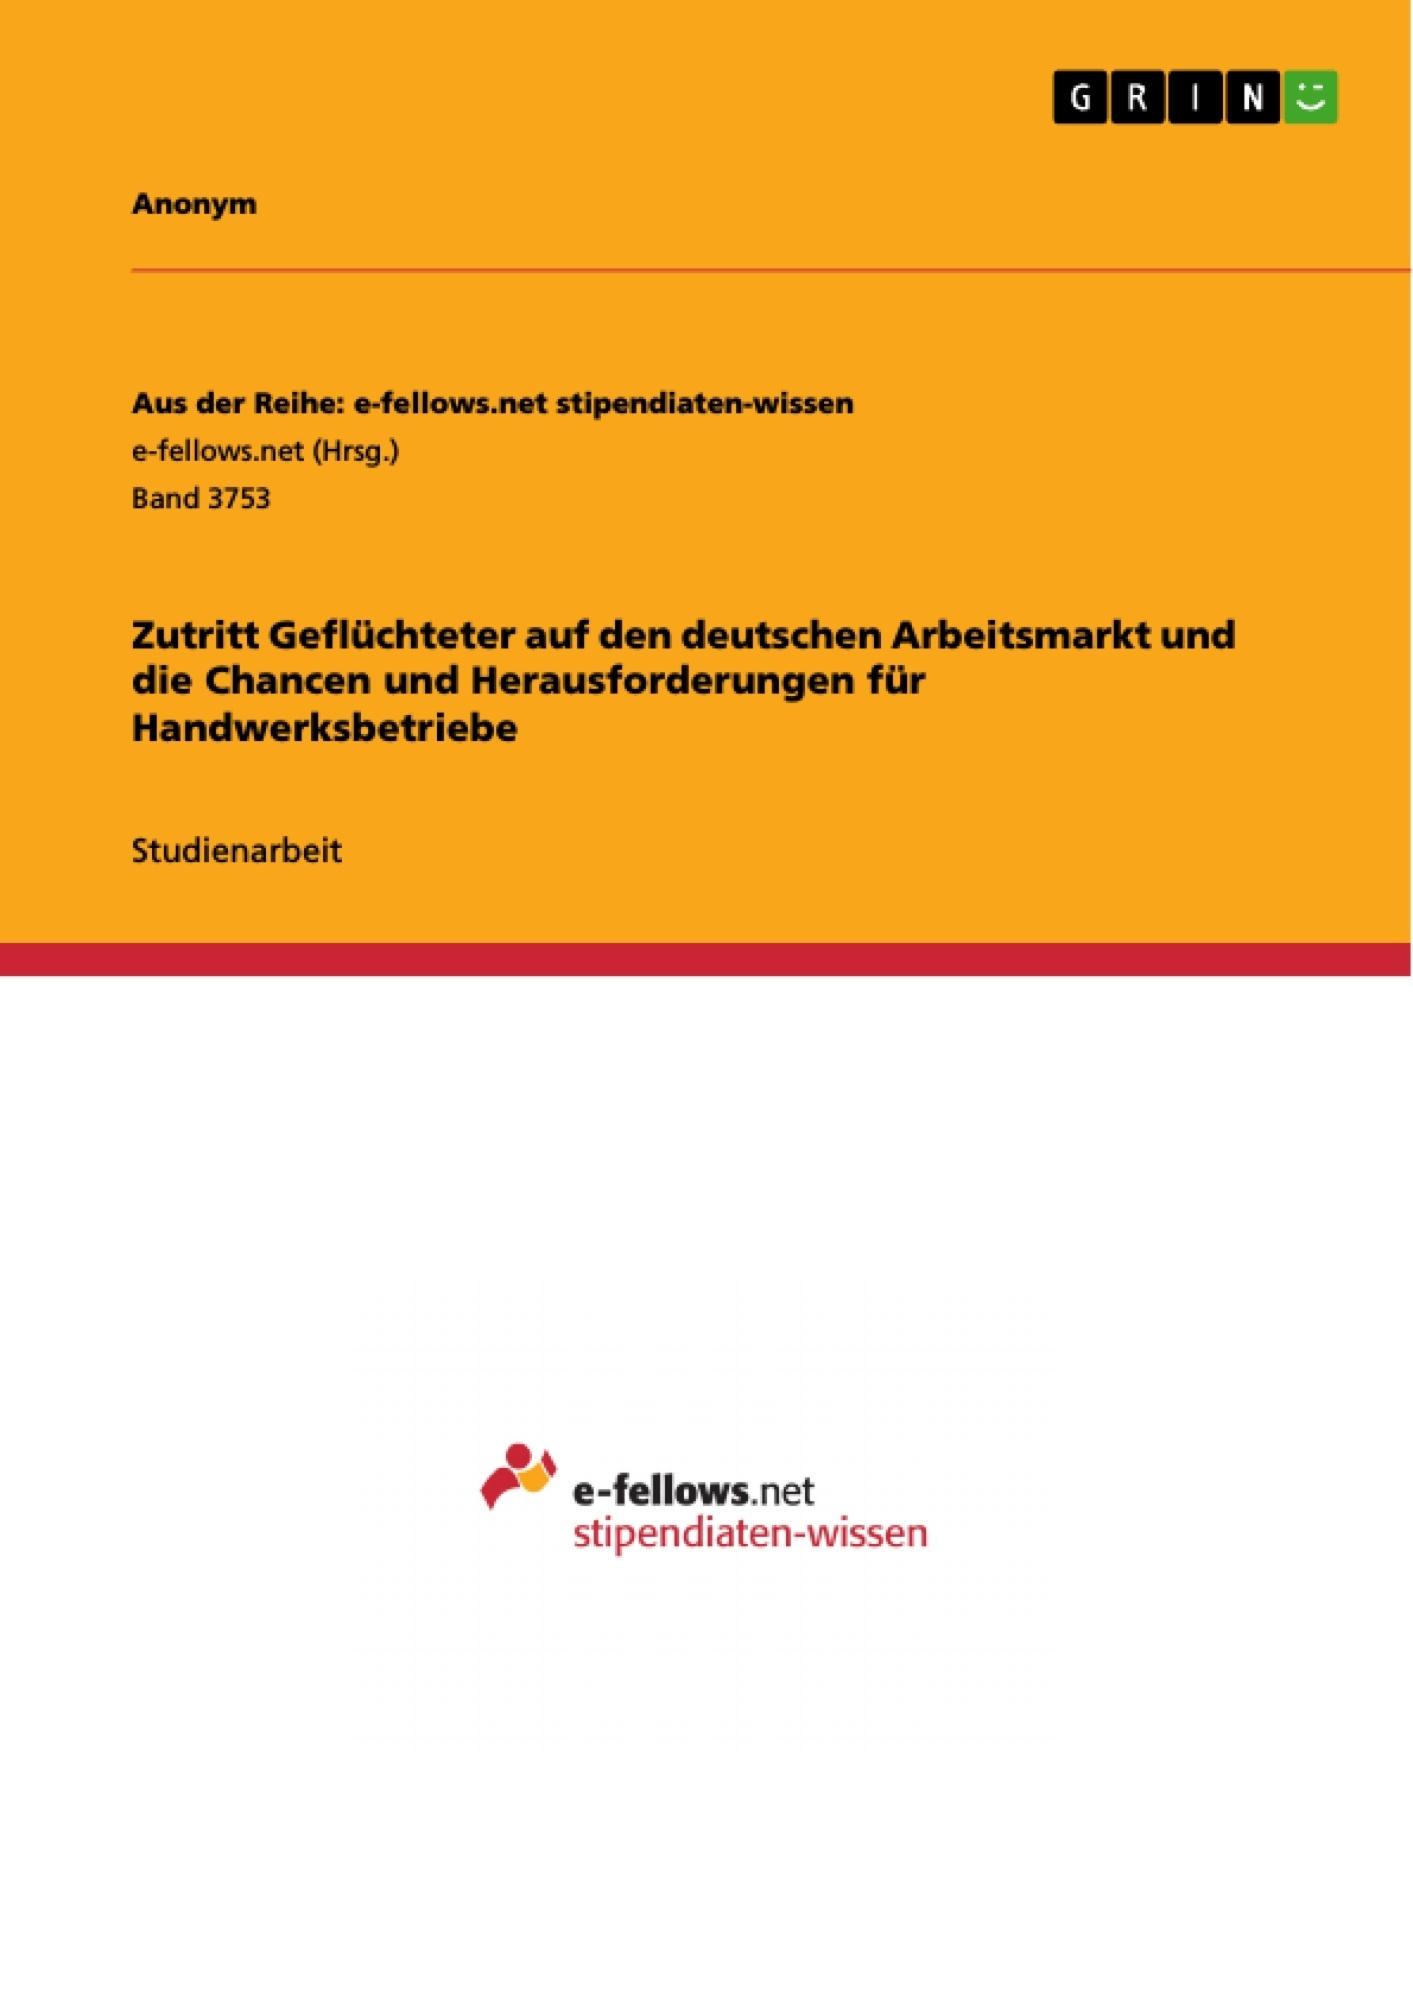 Titel: Zutritt Geflüchteter auf den deutschen Arbeitsmarkt und die Chancen und Herausforderungen für Handwerksbetriebe